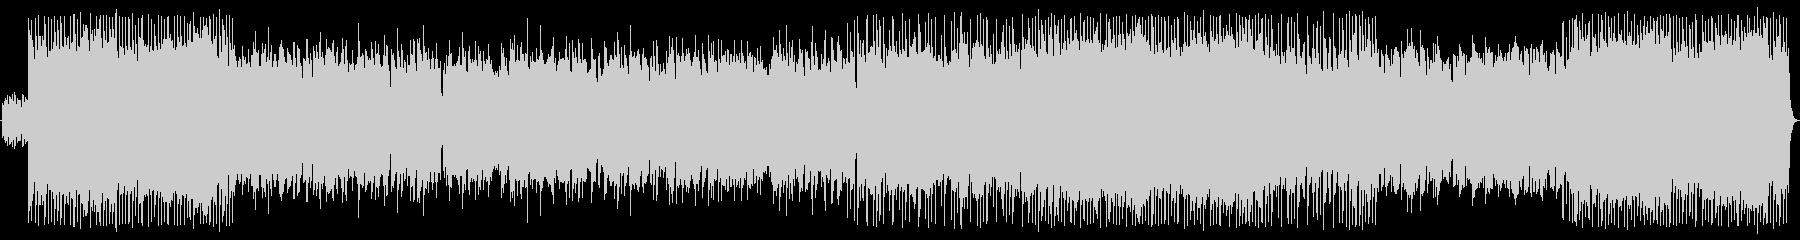 ピアノが印象的なオリエンタル風バラードの未再生の波形